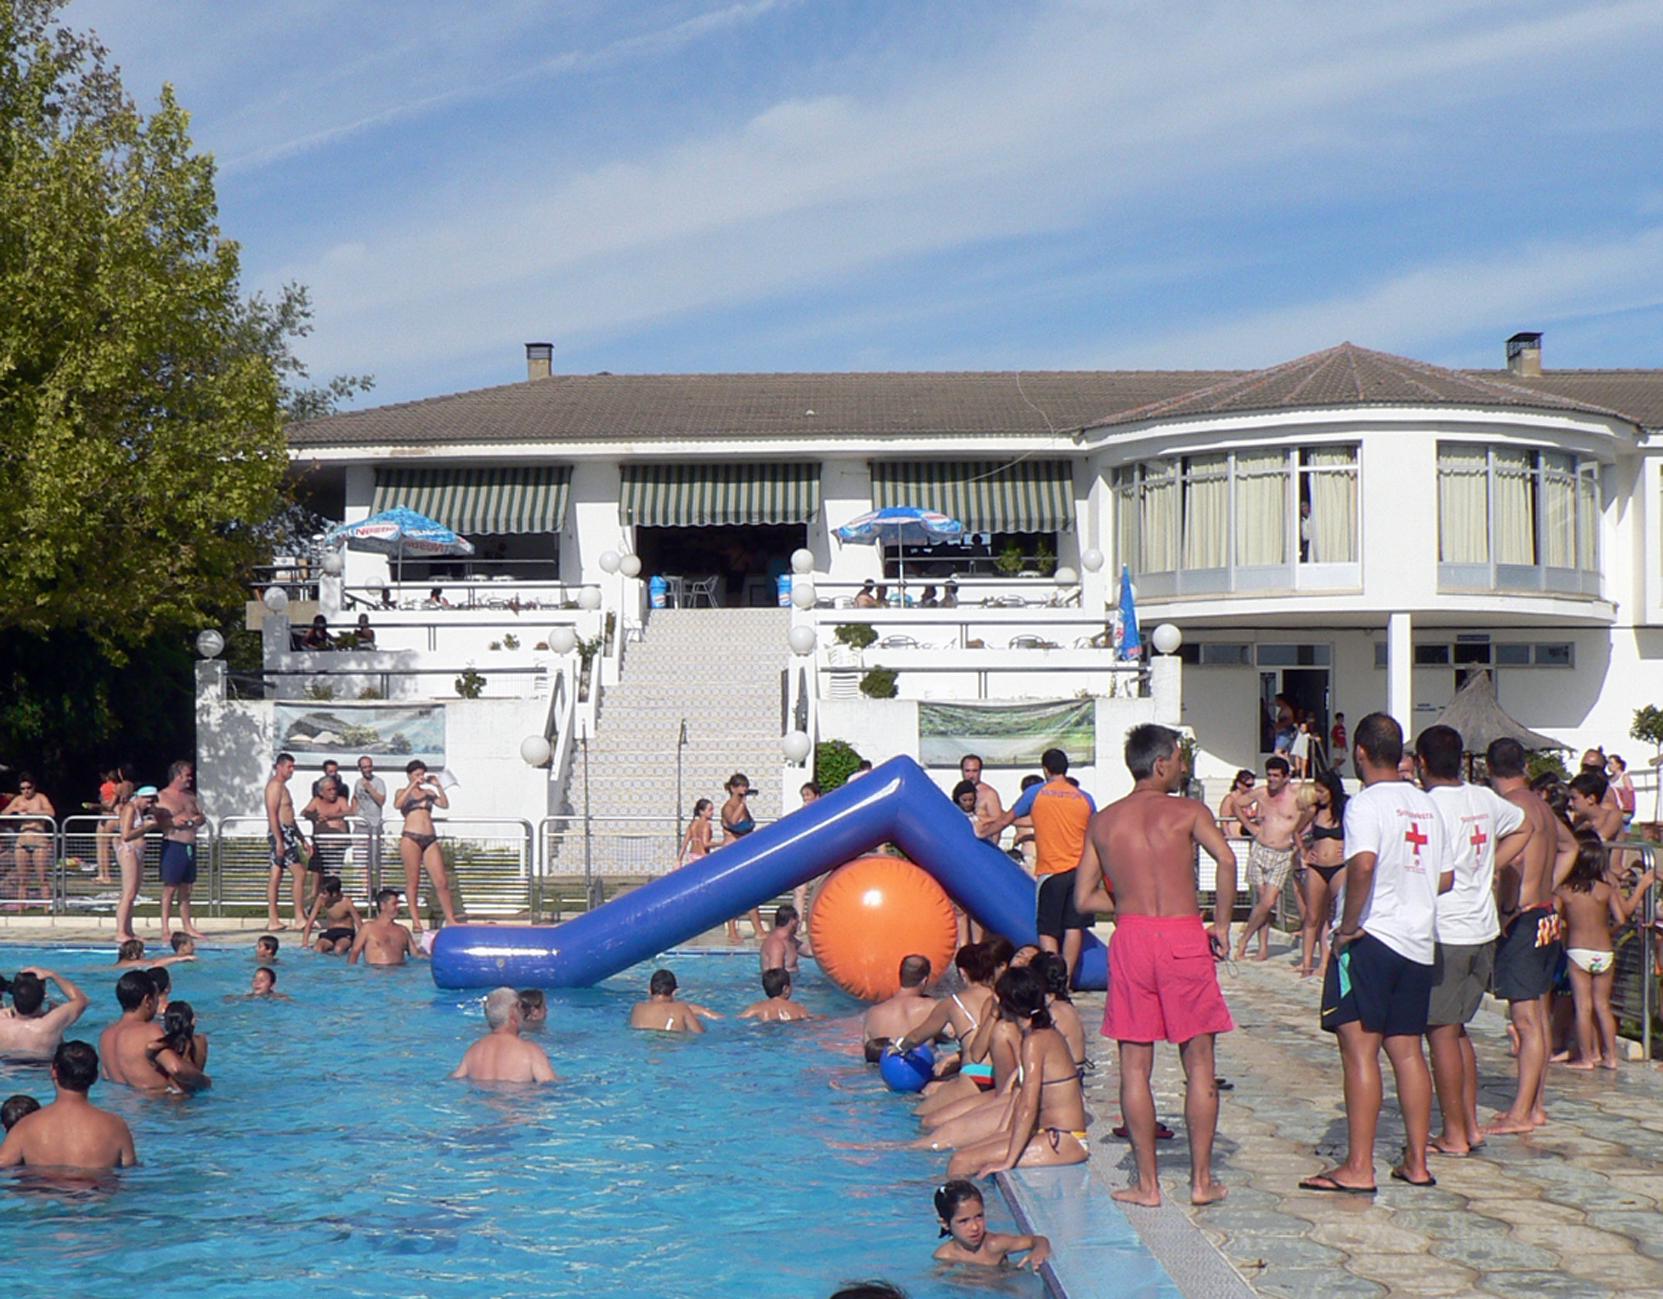 El ayuntamiento inicia la temporada de verano en la for Piscina municipal caceres